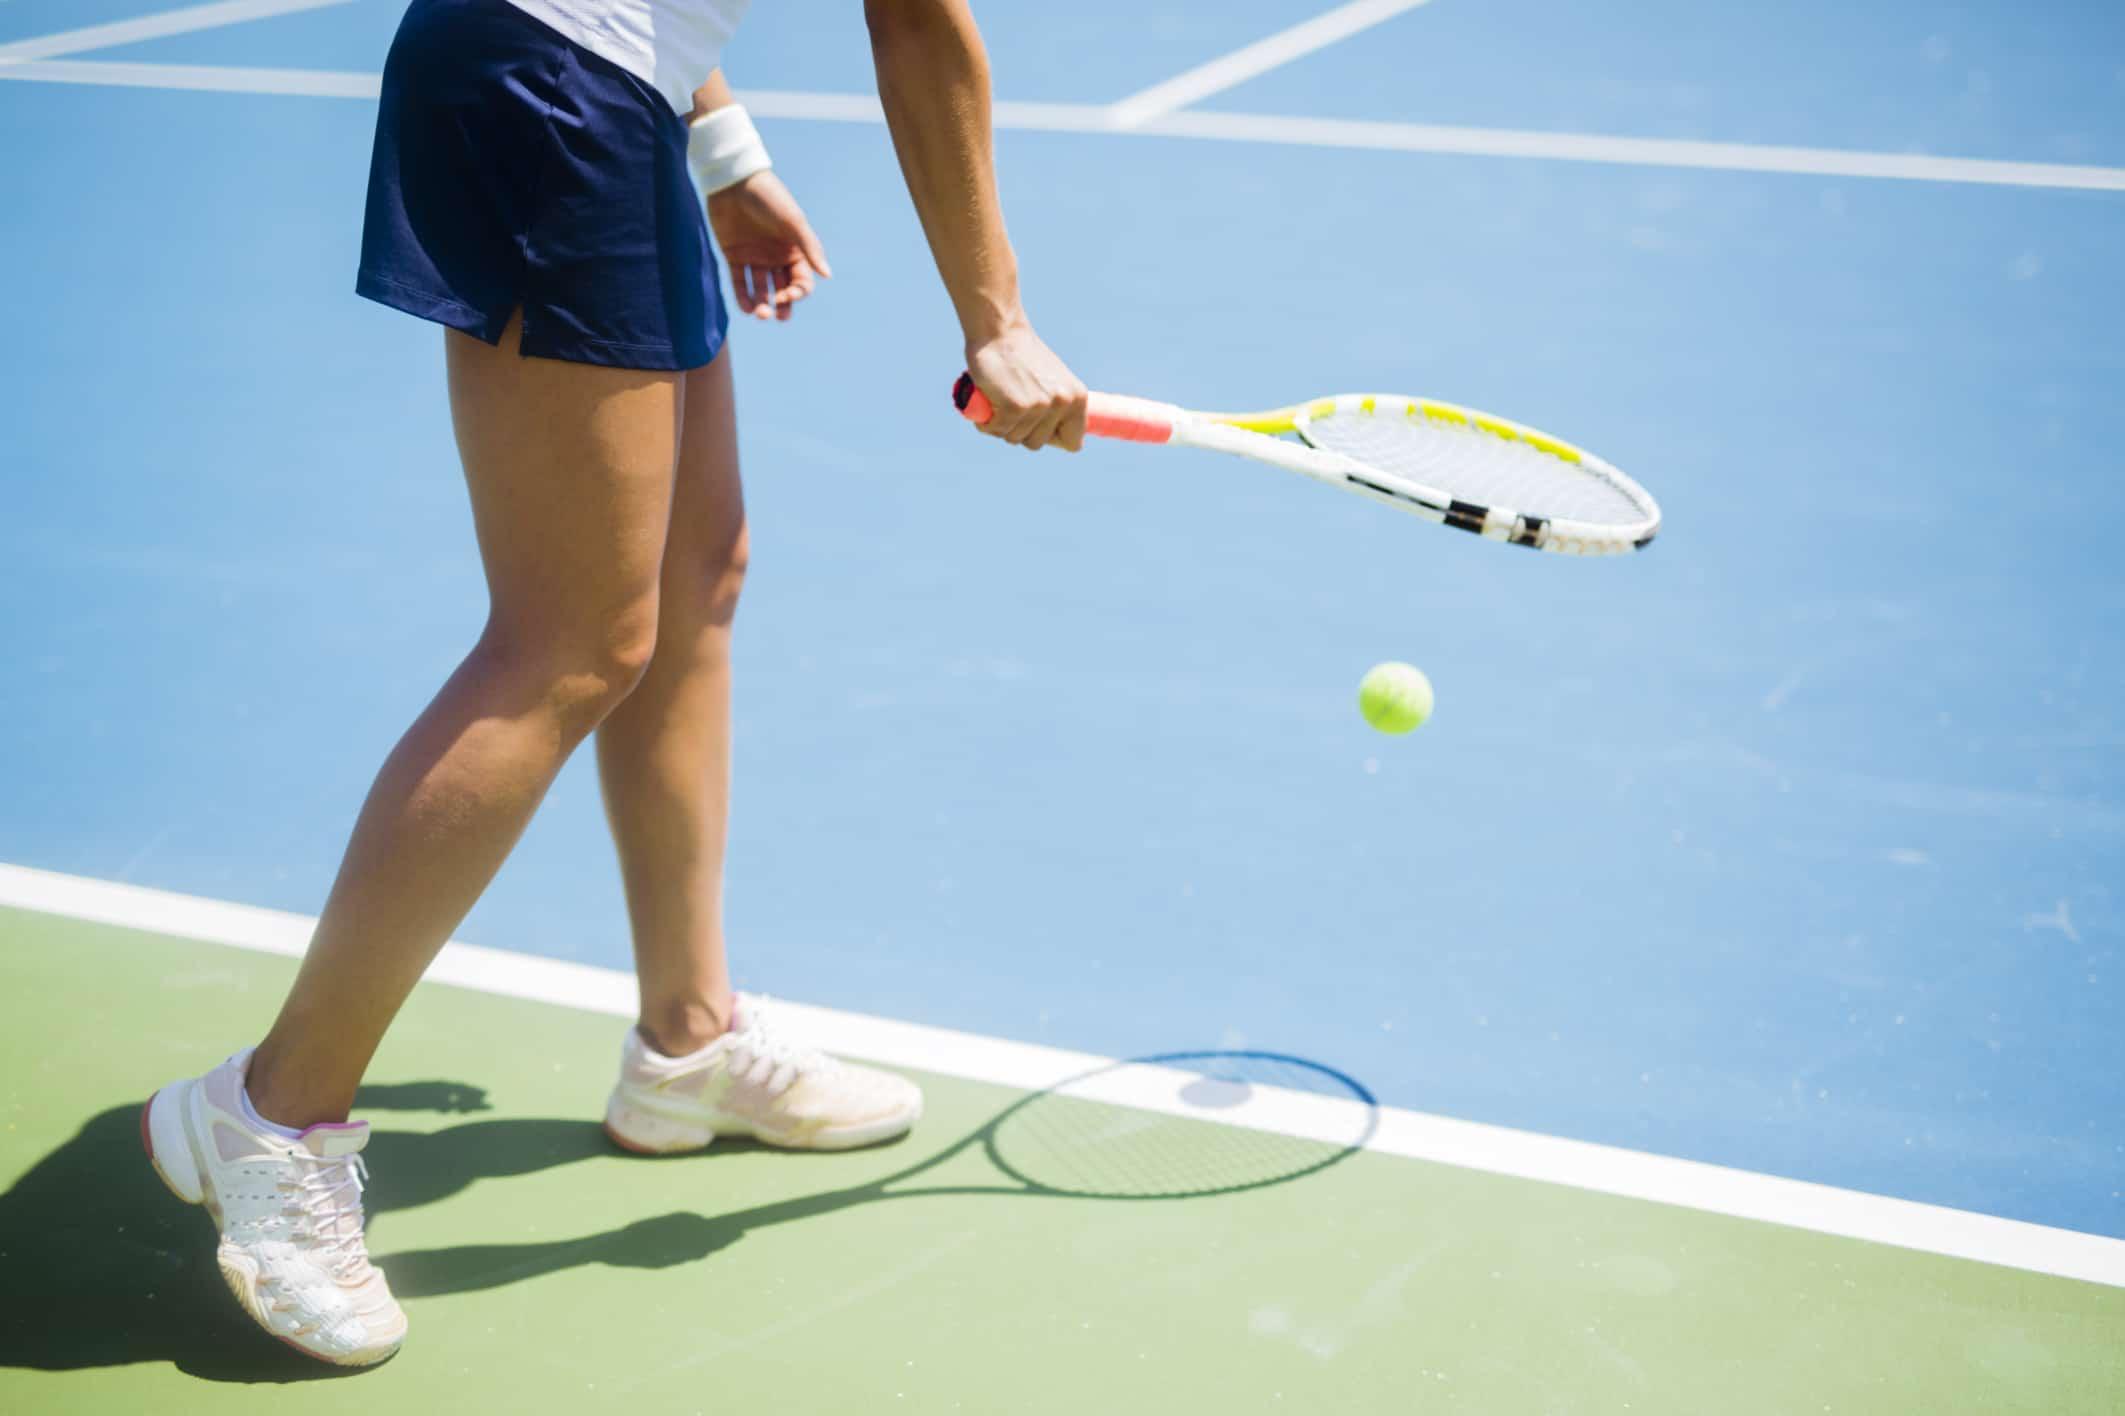 De ce jucătorii de tenis aruncă mingea înainte de a servi